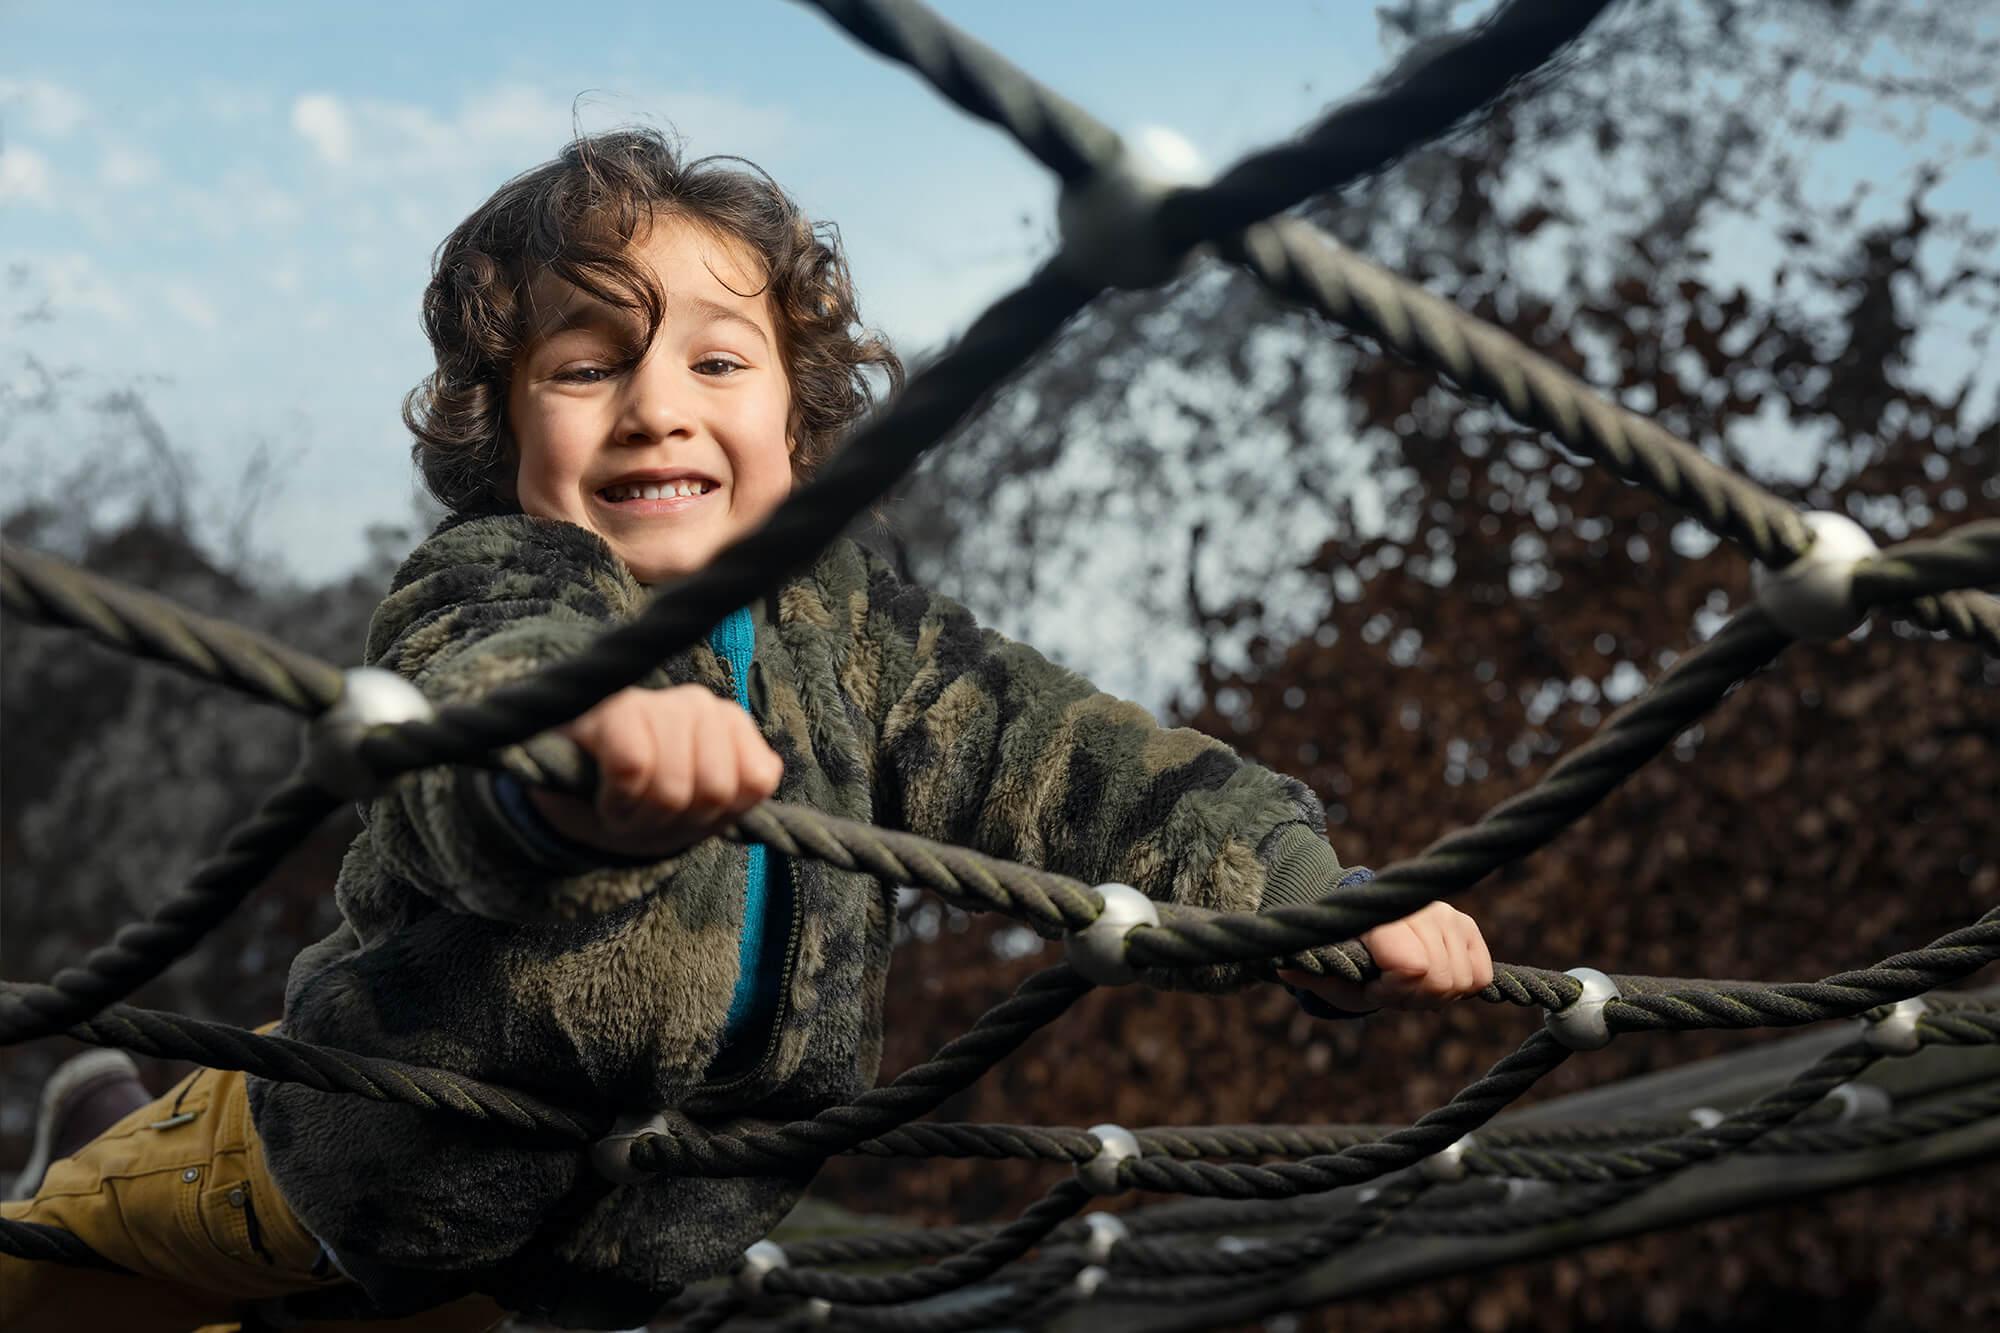 Lille dreng klatrer på et klatrestativ